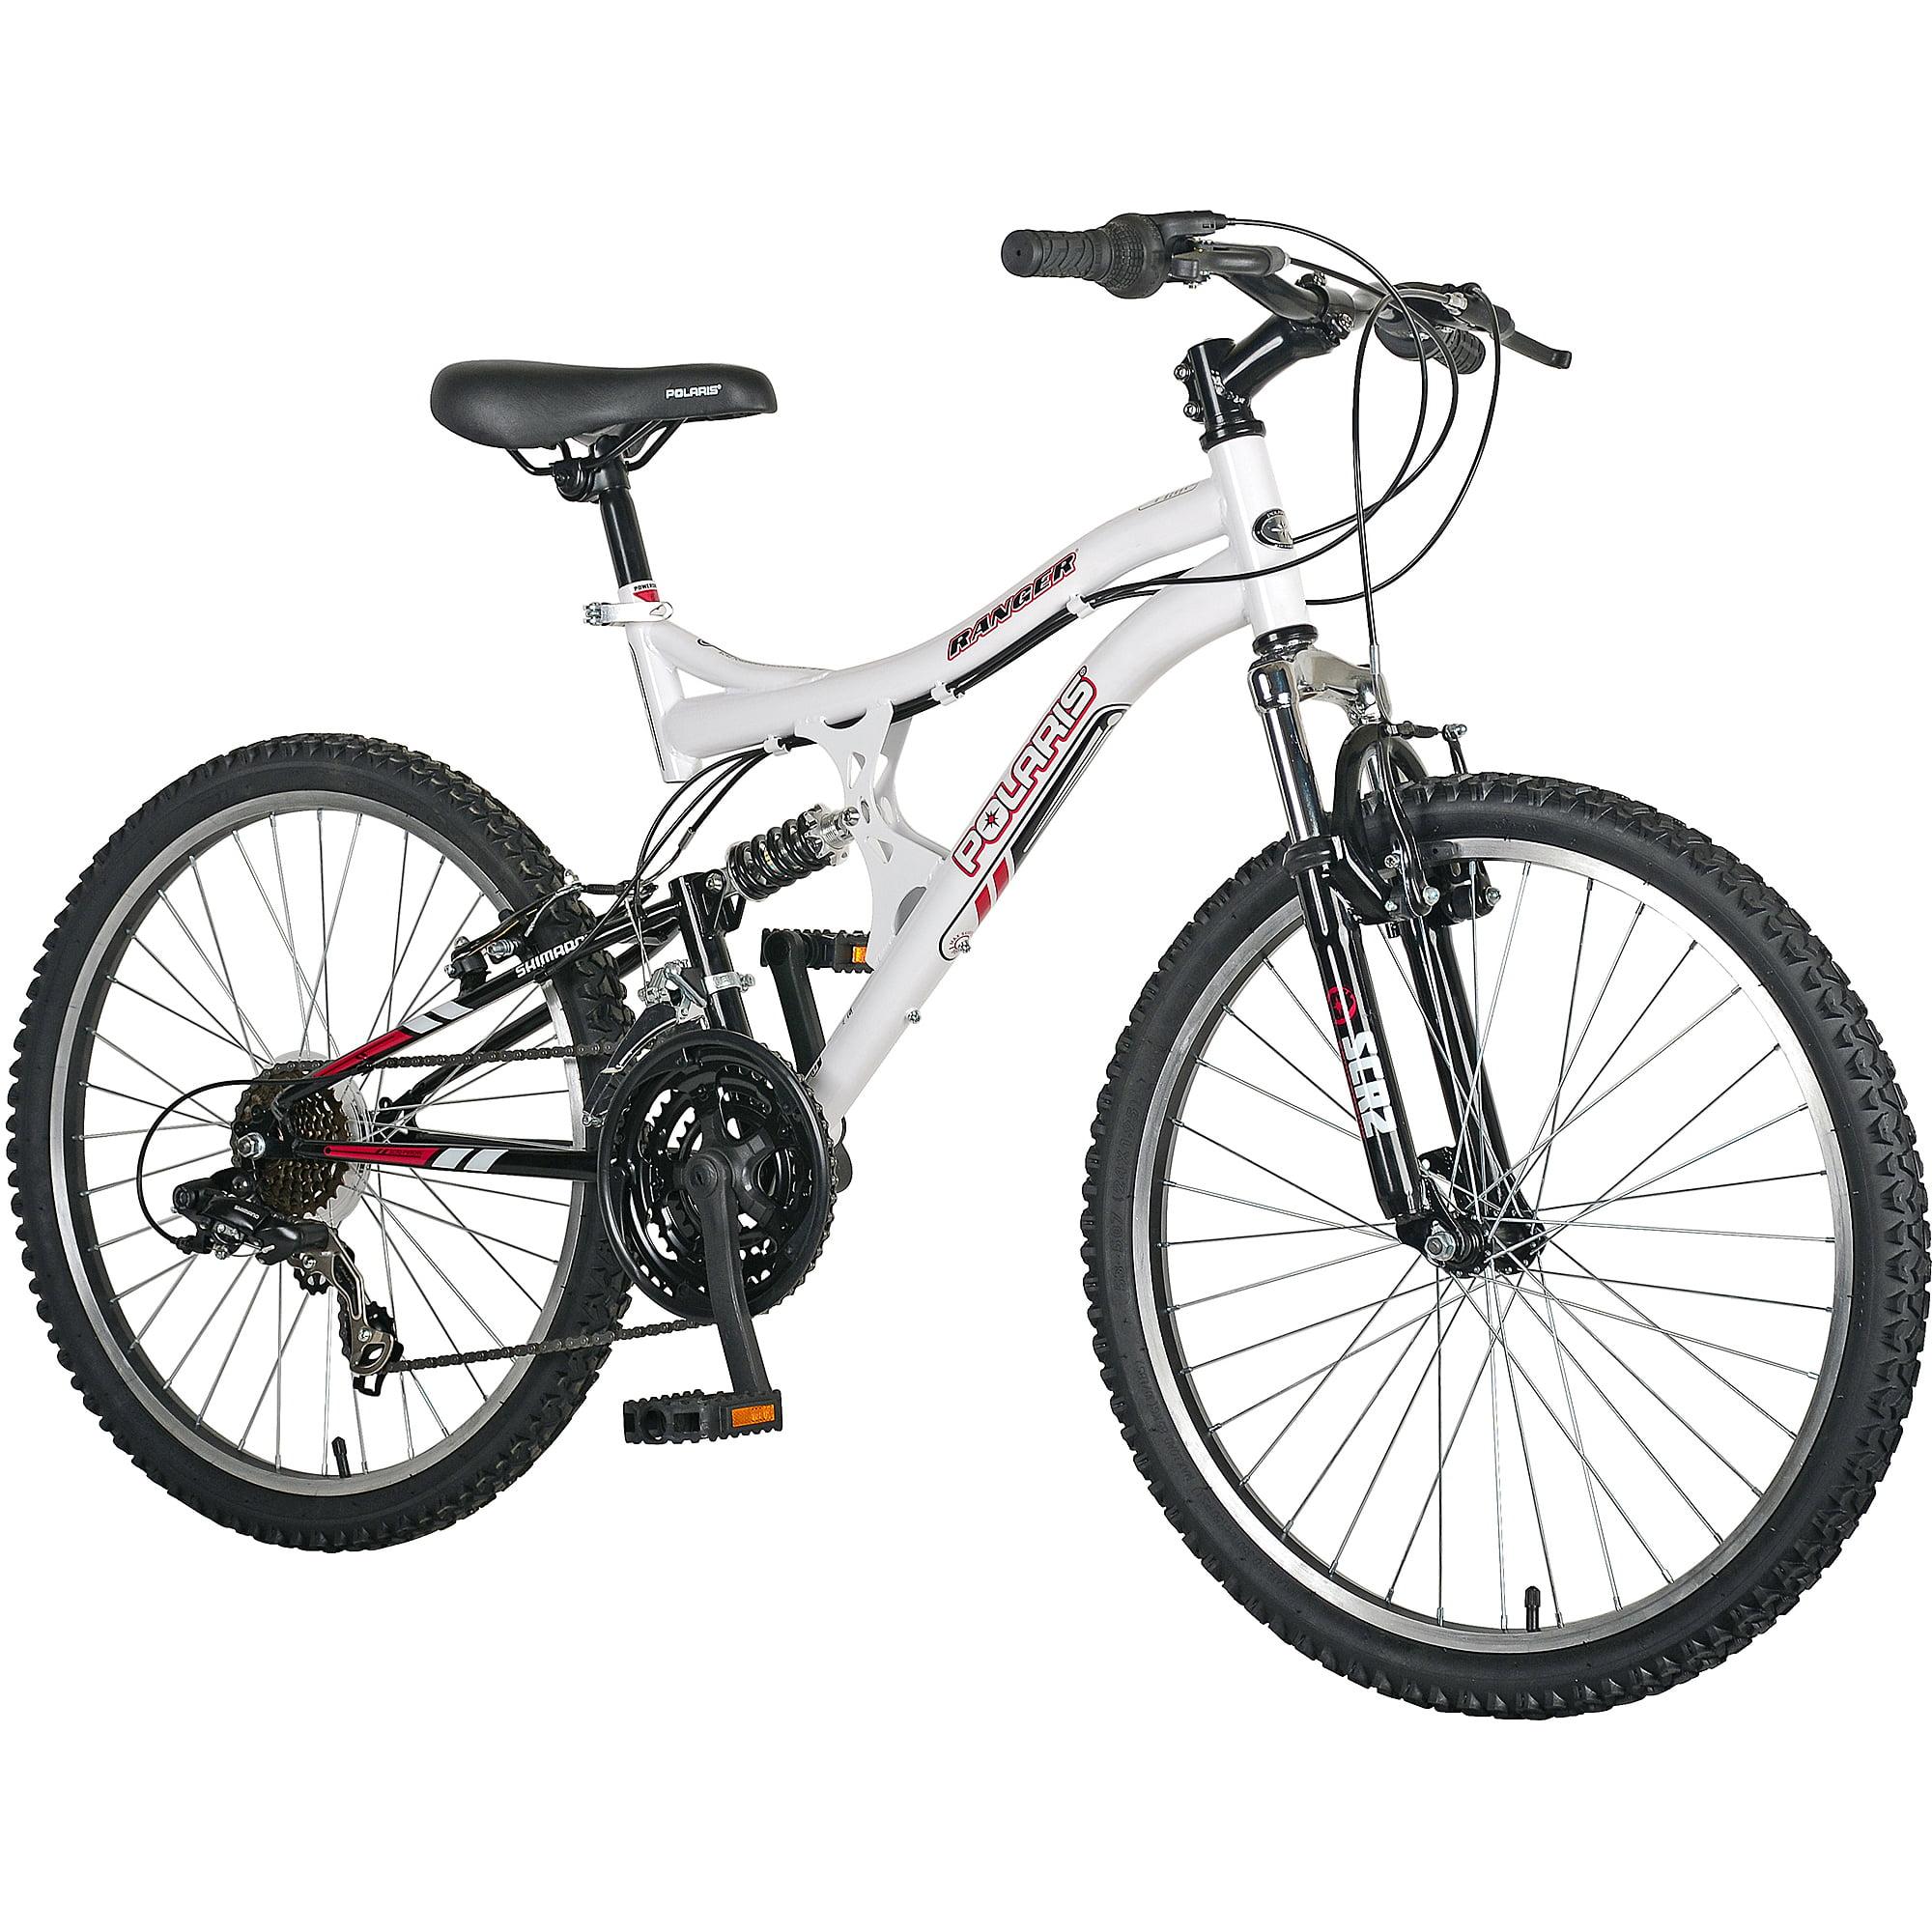 Polaris Ranger G.0 Mountain Bike